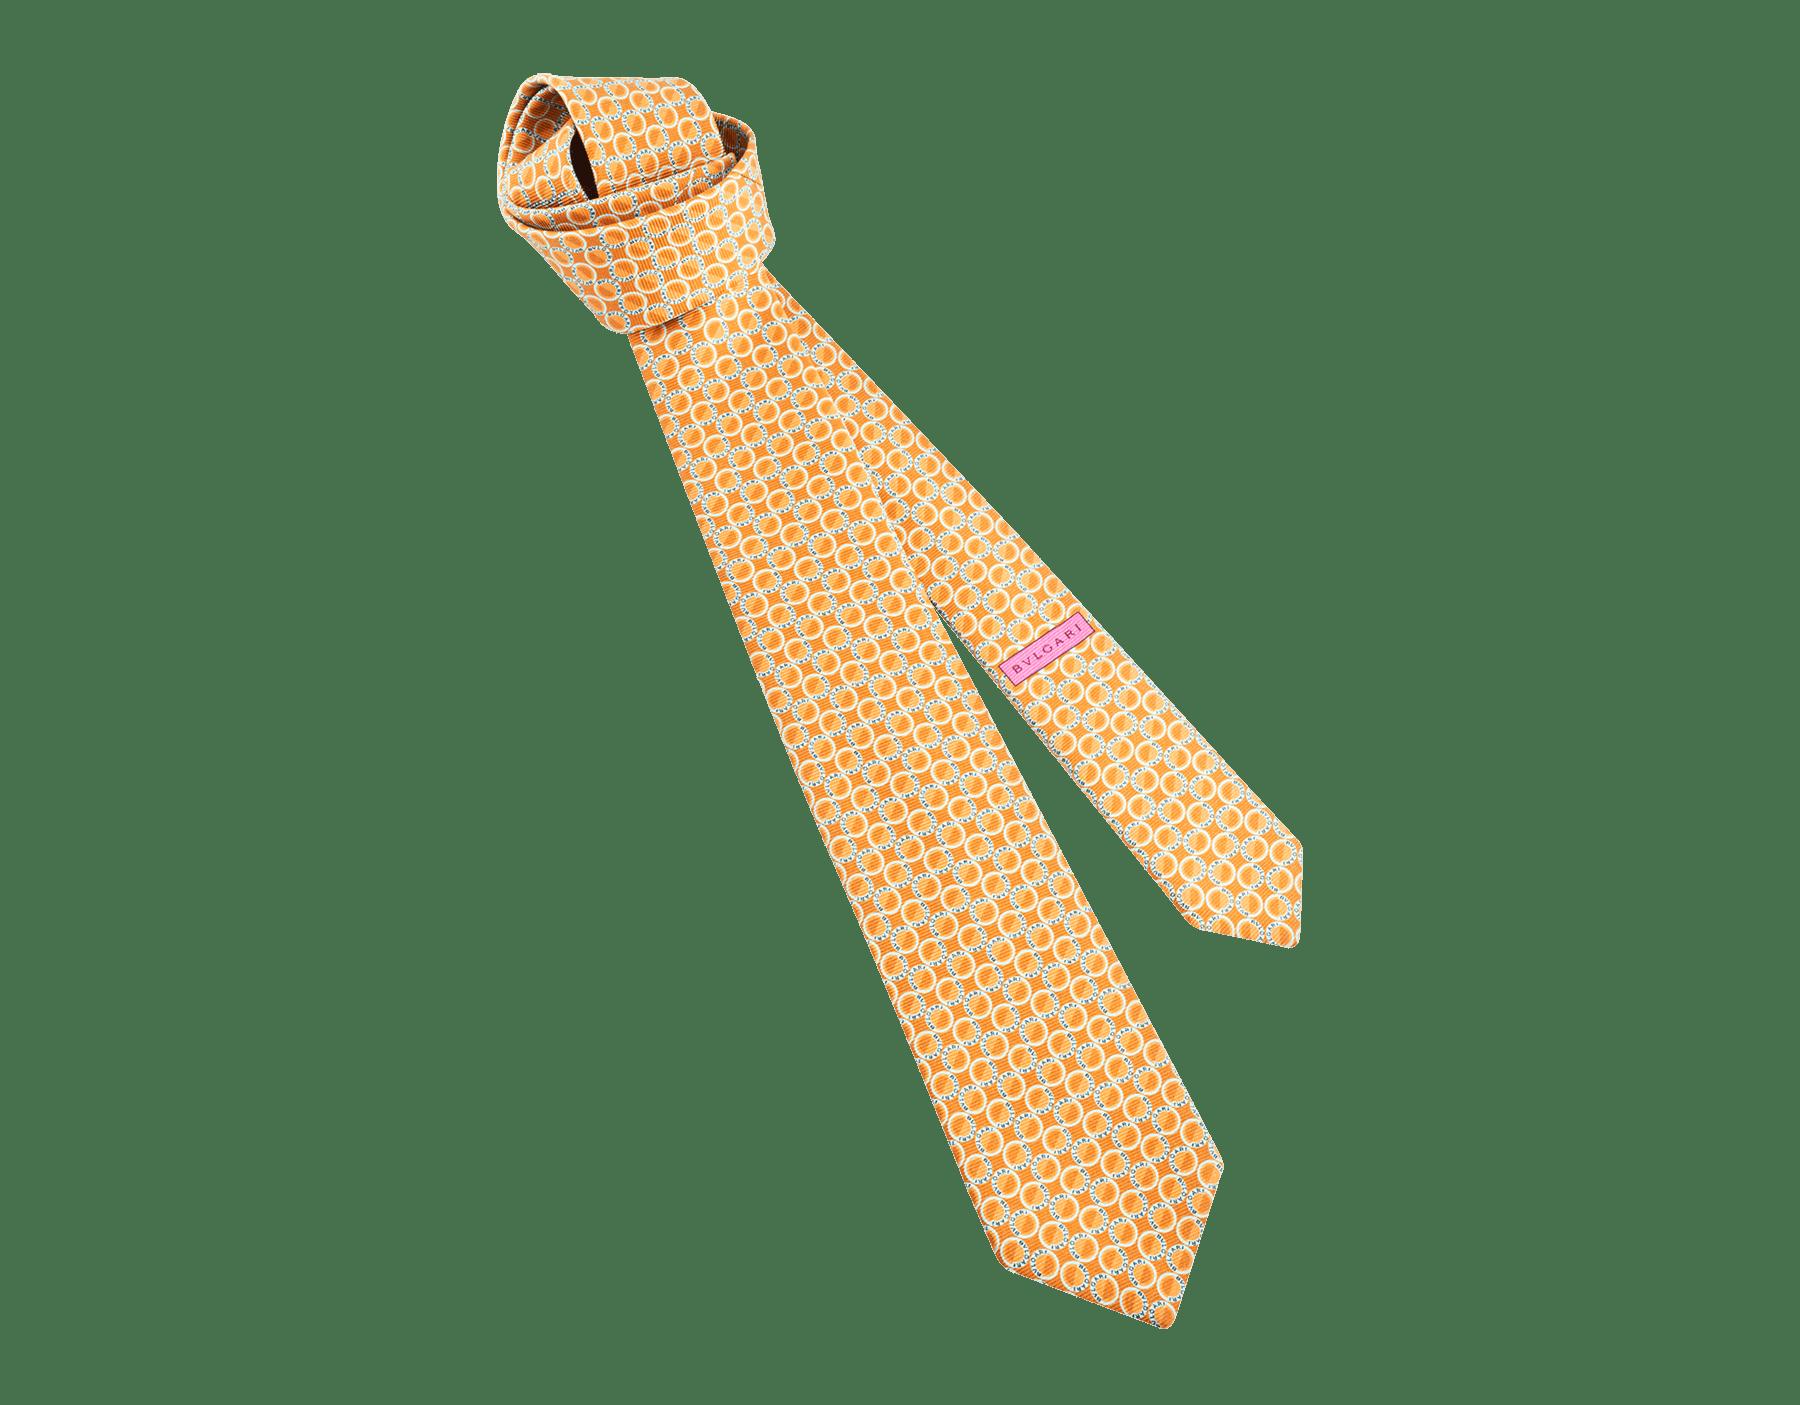 Cravate sept plis Logo Moonphase couleur safran en fine serge de soie imprimée. 243616 image 1